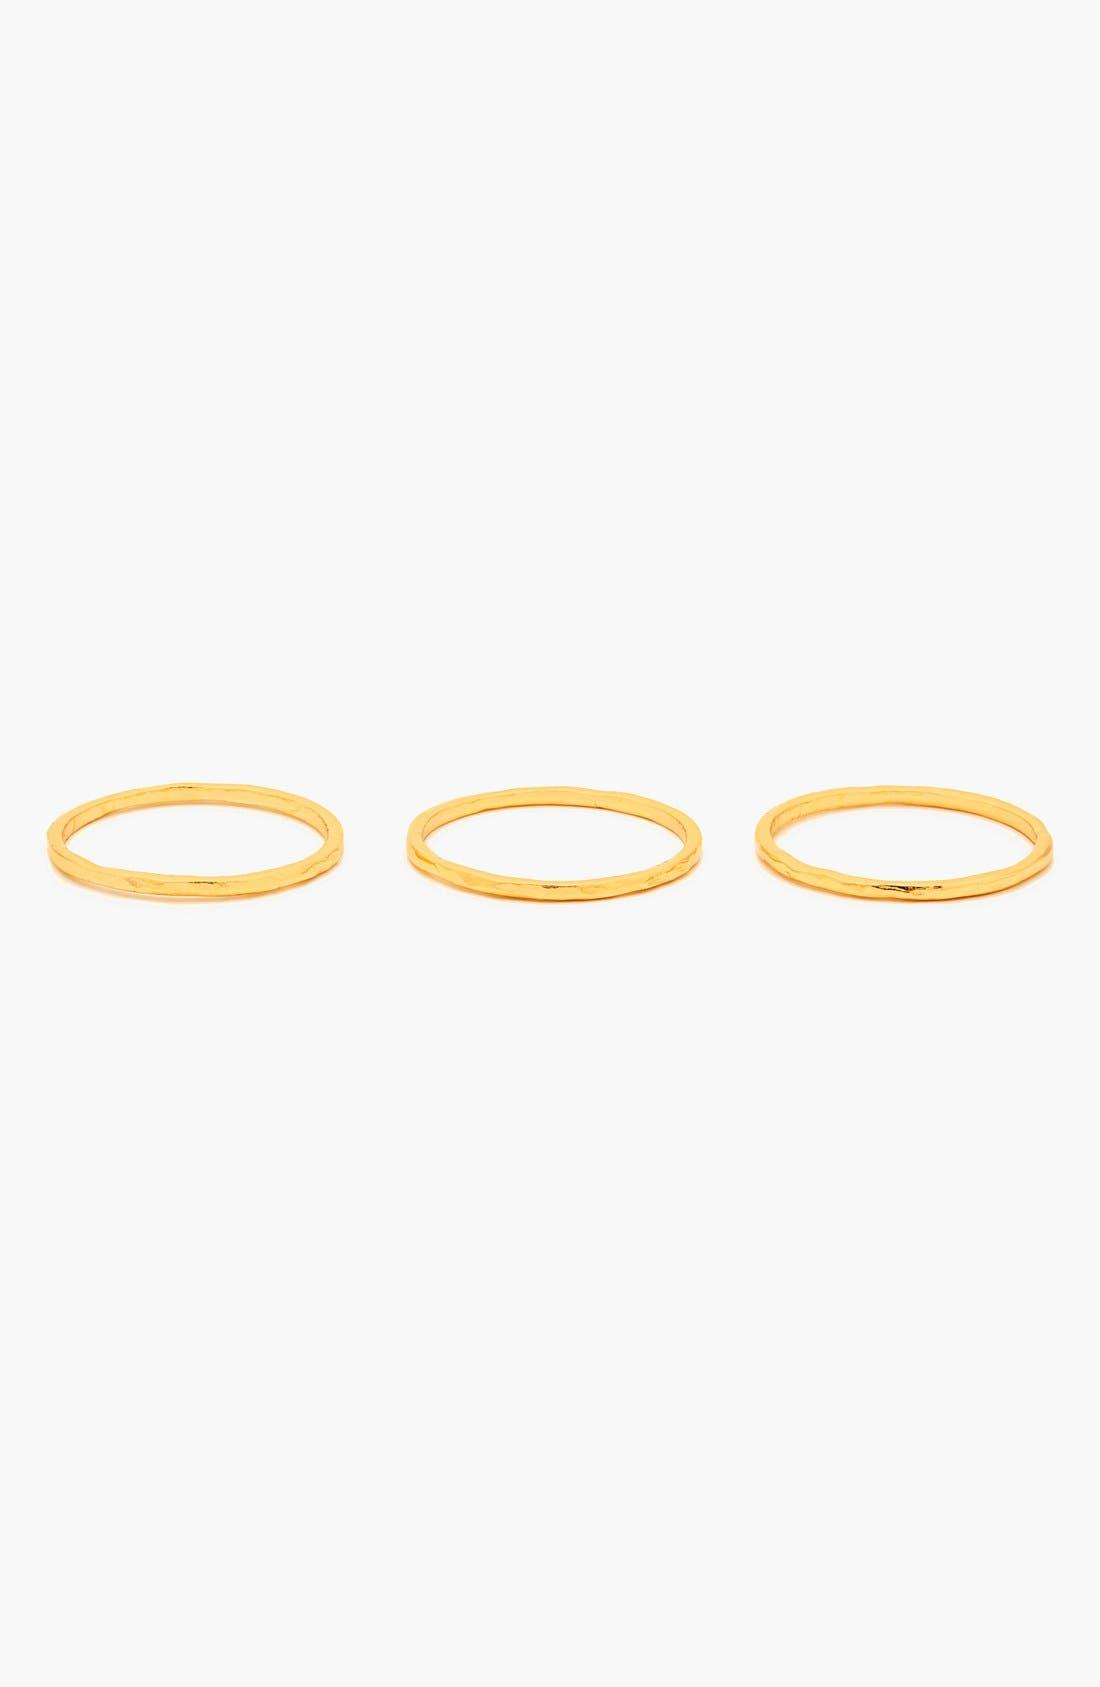 Alternate Image 3  - gorjana 'G Ring' Hammered Stack Rings (Set of 3)